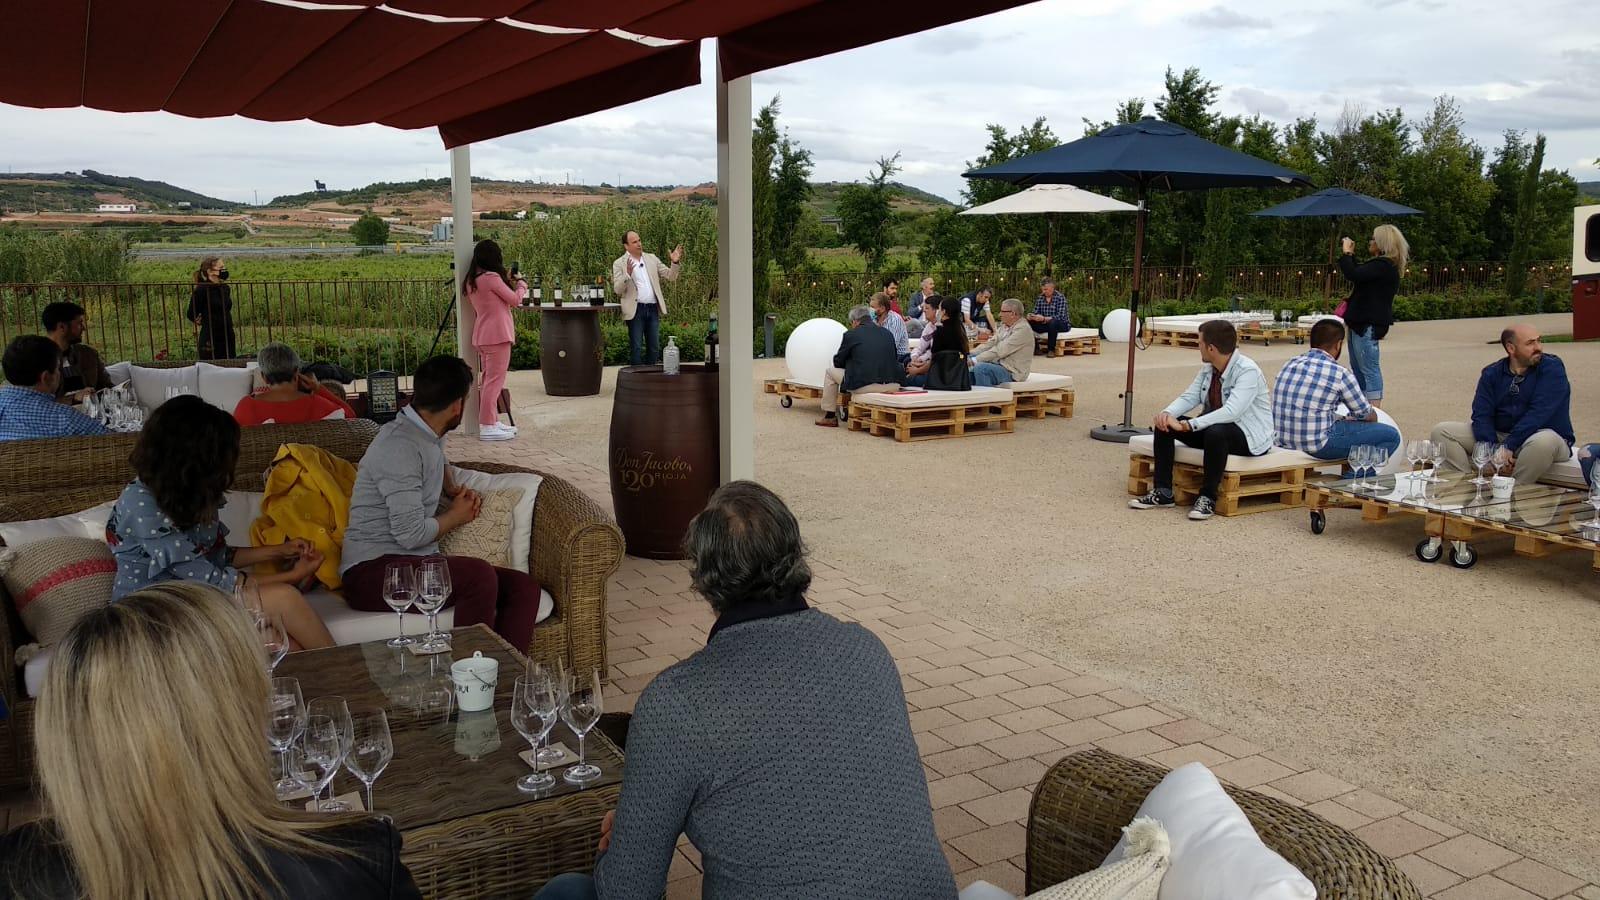 Bodegas Corral lanza su nueva oferta enoturística: terraza con vistas al viñedo y un depósito convertido en sala de catas 3